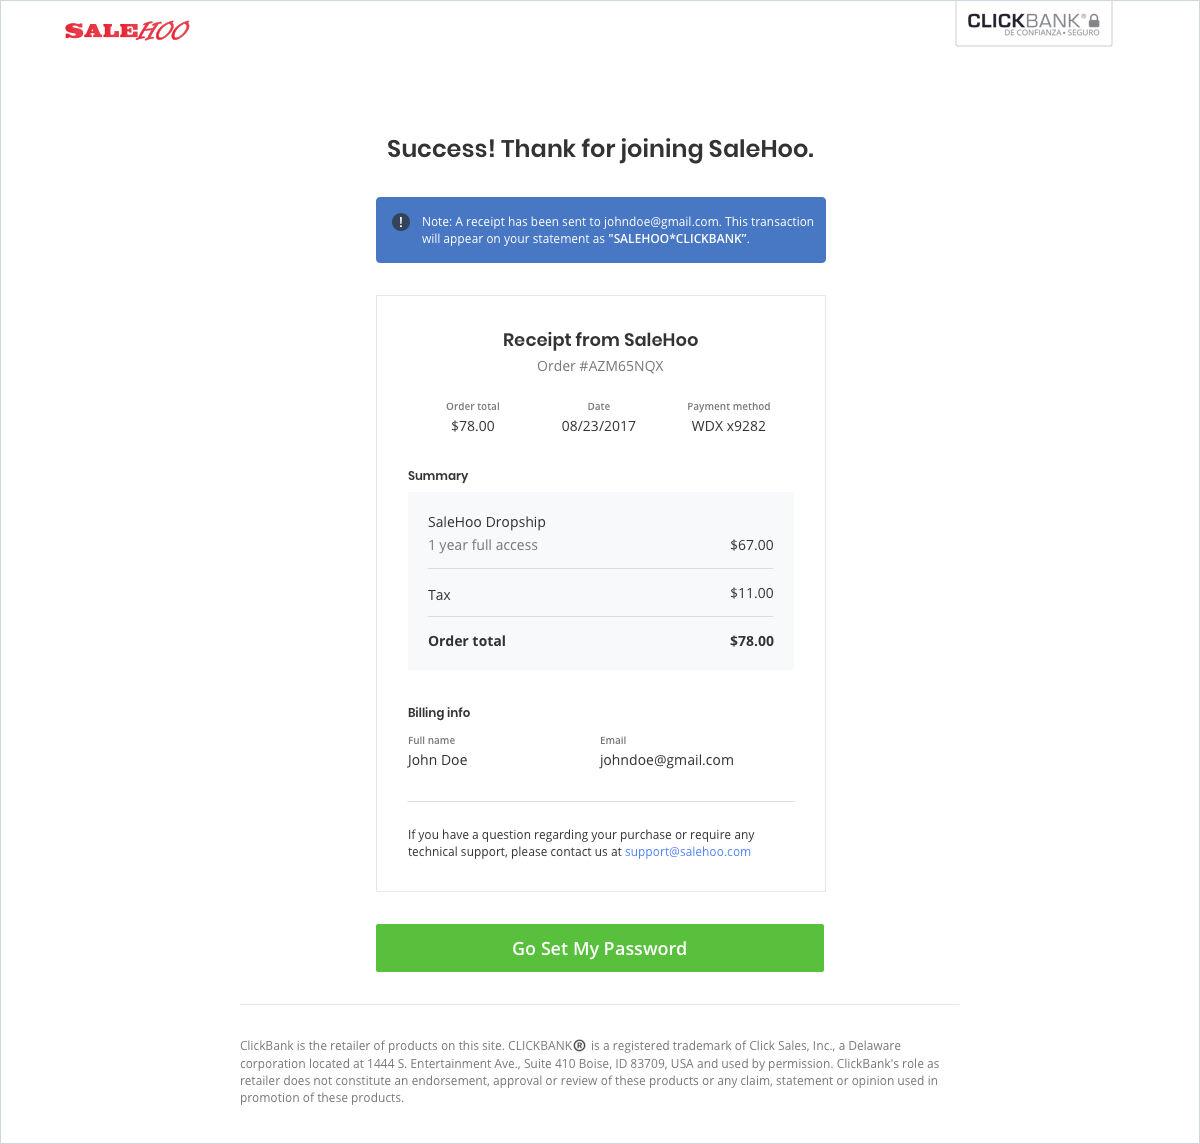 Example of a SaleHoo receipt